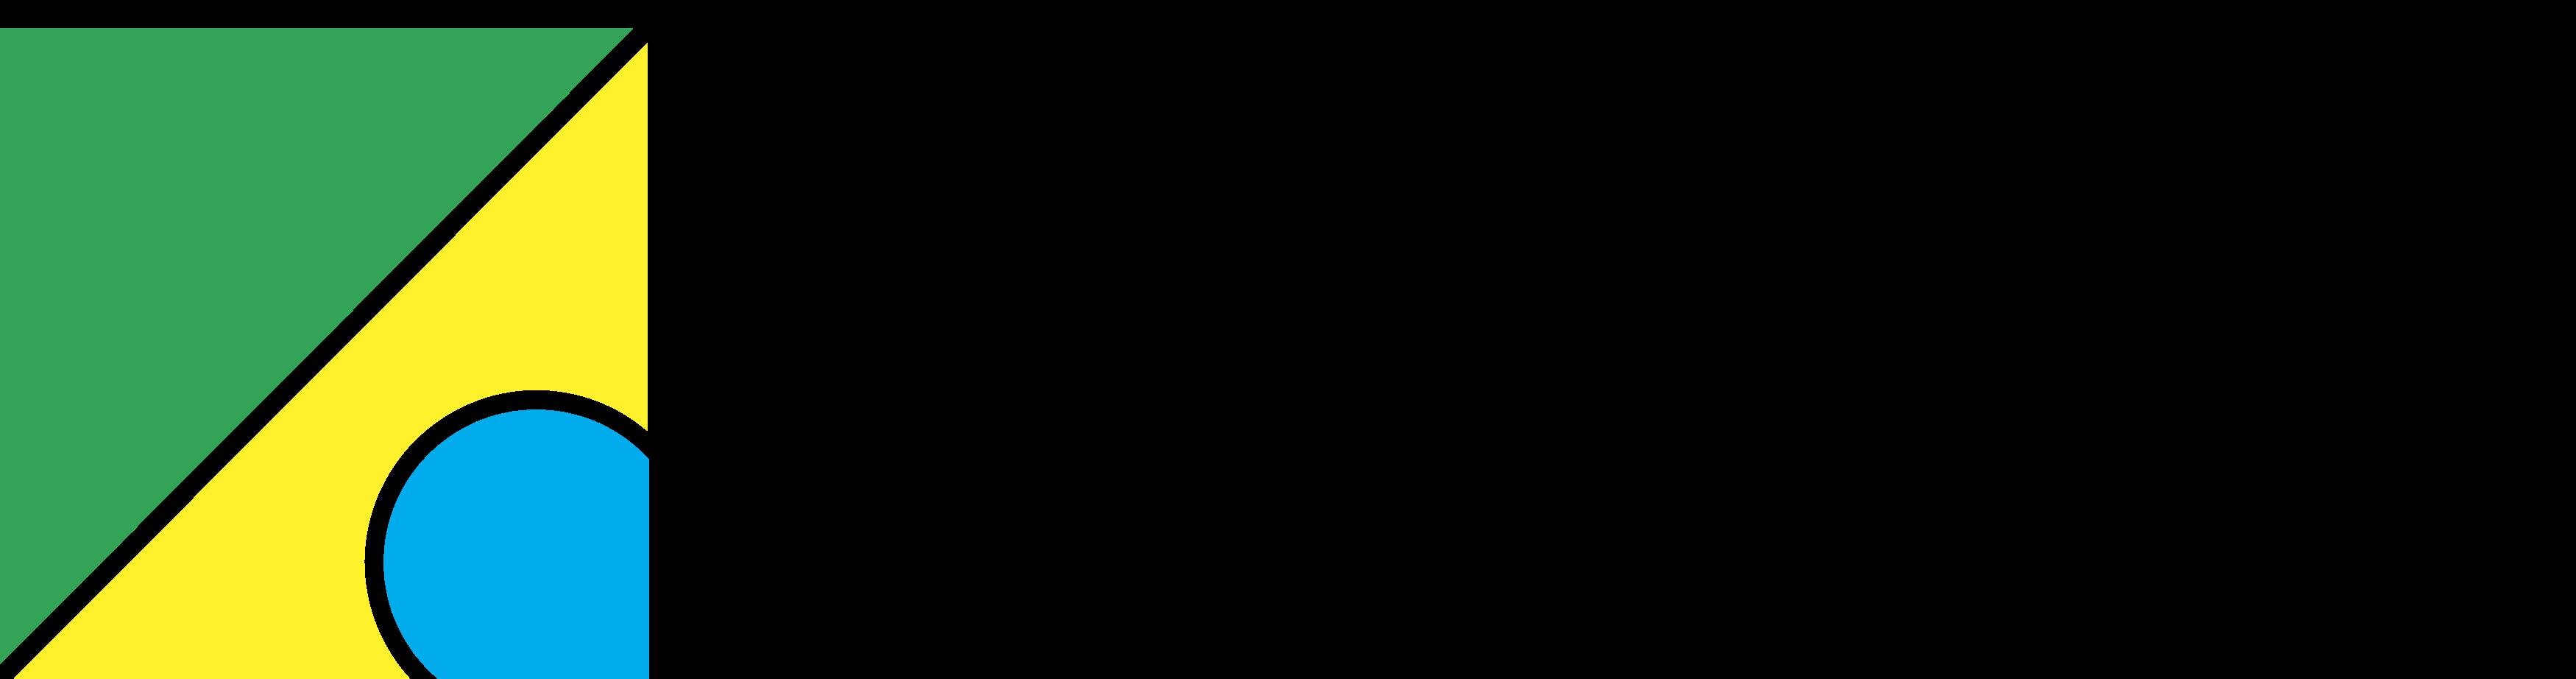 Embratur Logo.